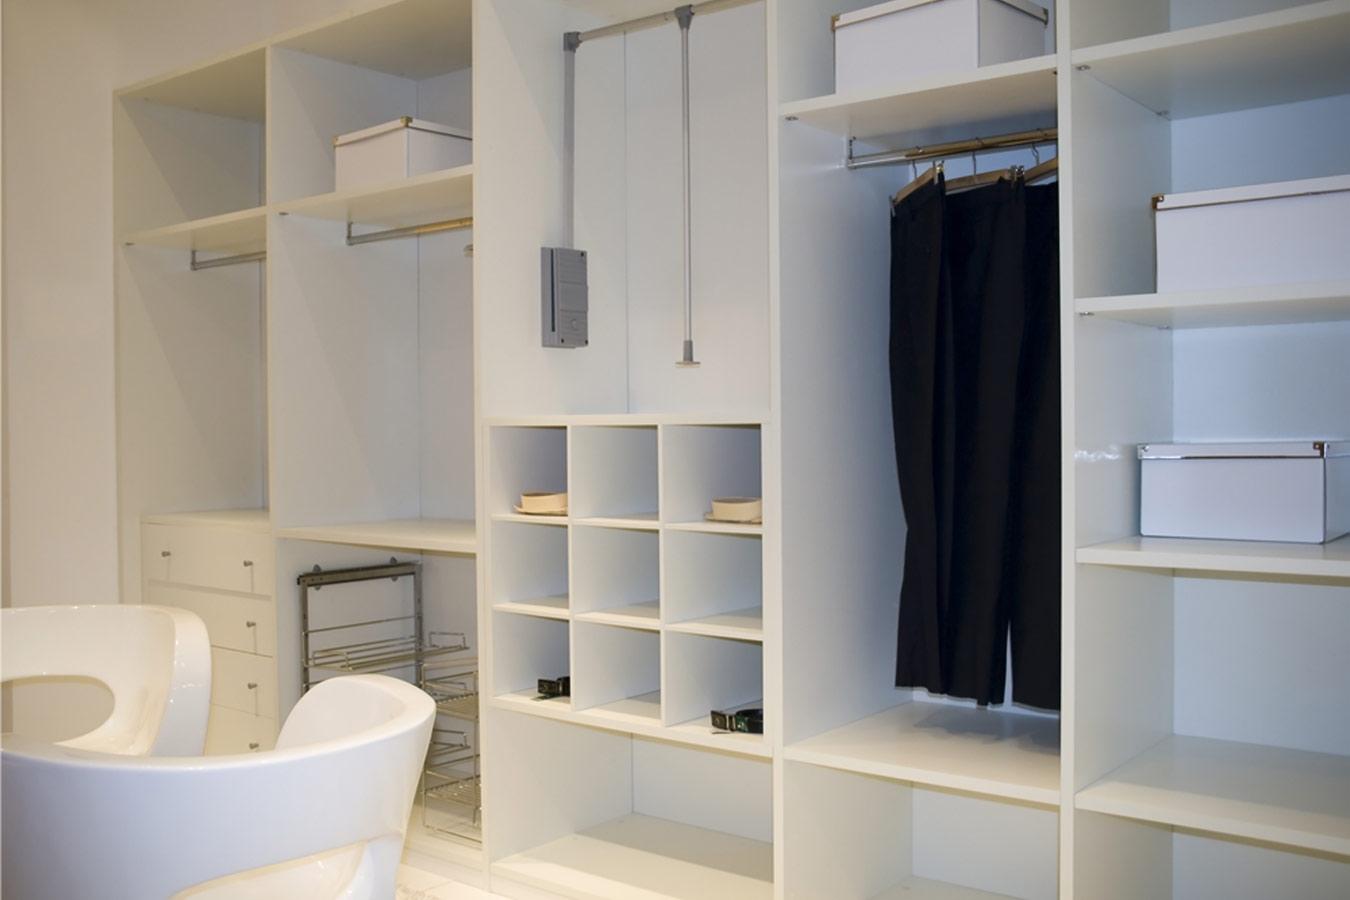 Inbouwkasten op maat inspiratie tips voor de indeling - Slaapkamer met badkamer en dressing ...